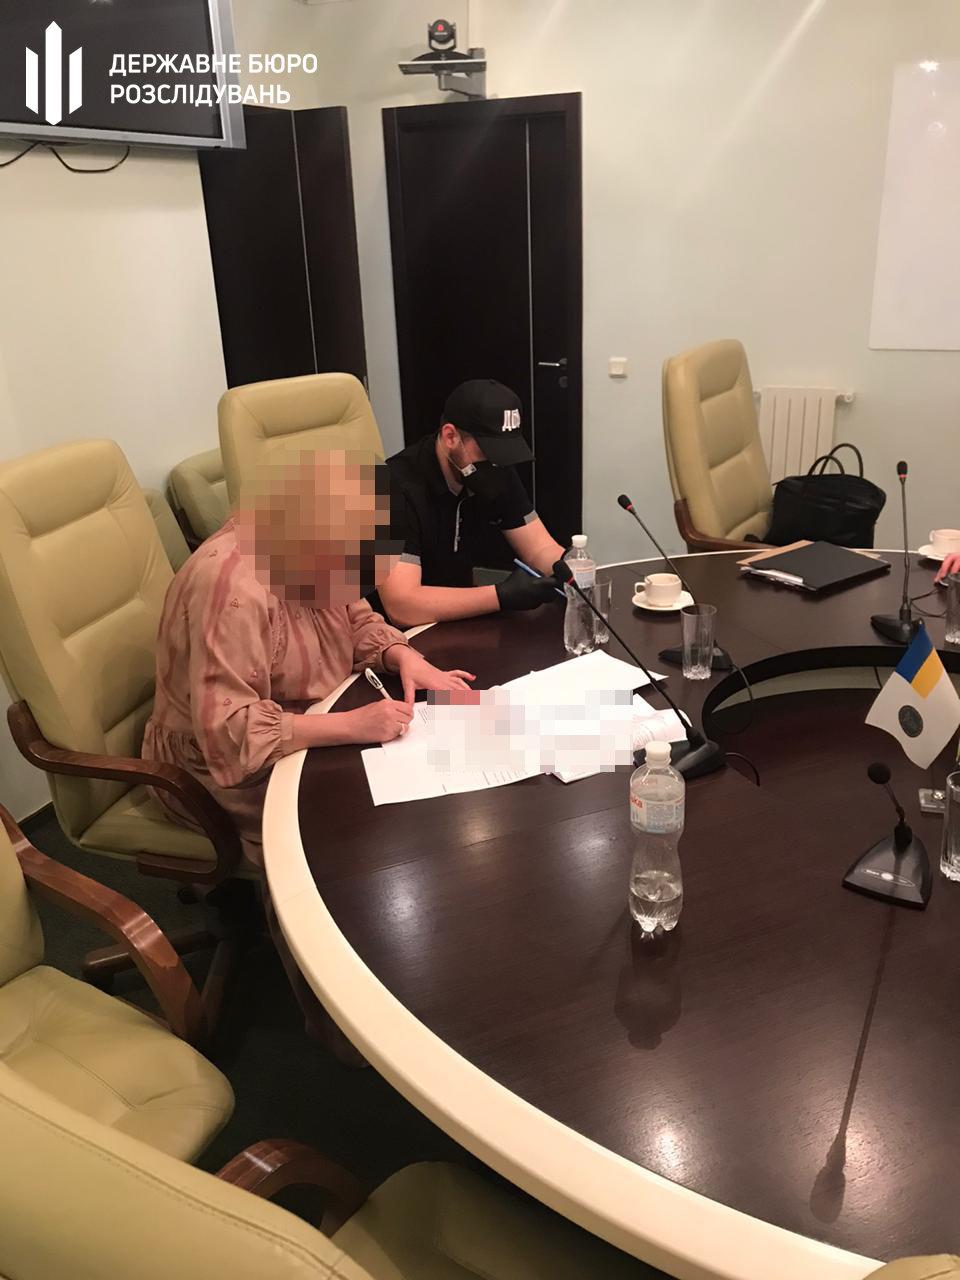 В Харькове силовики проводят обыски в налоговой: два чиновника подозреваются в халатности, - ФОТО, фото-3